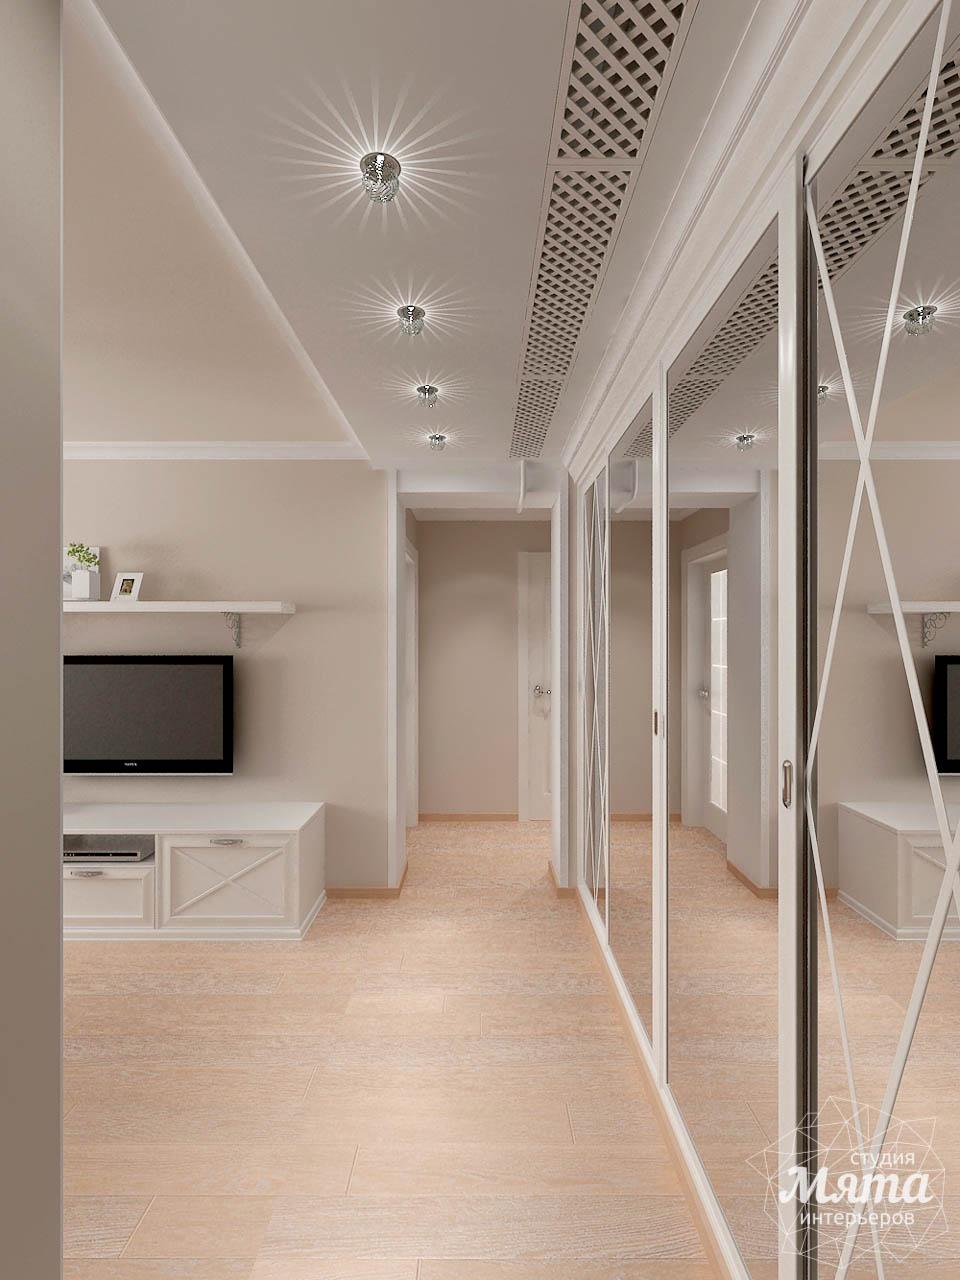 Дизайн интерьера двухкомнатной квартиры по ул. Шаумяна 93 img309319502